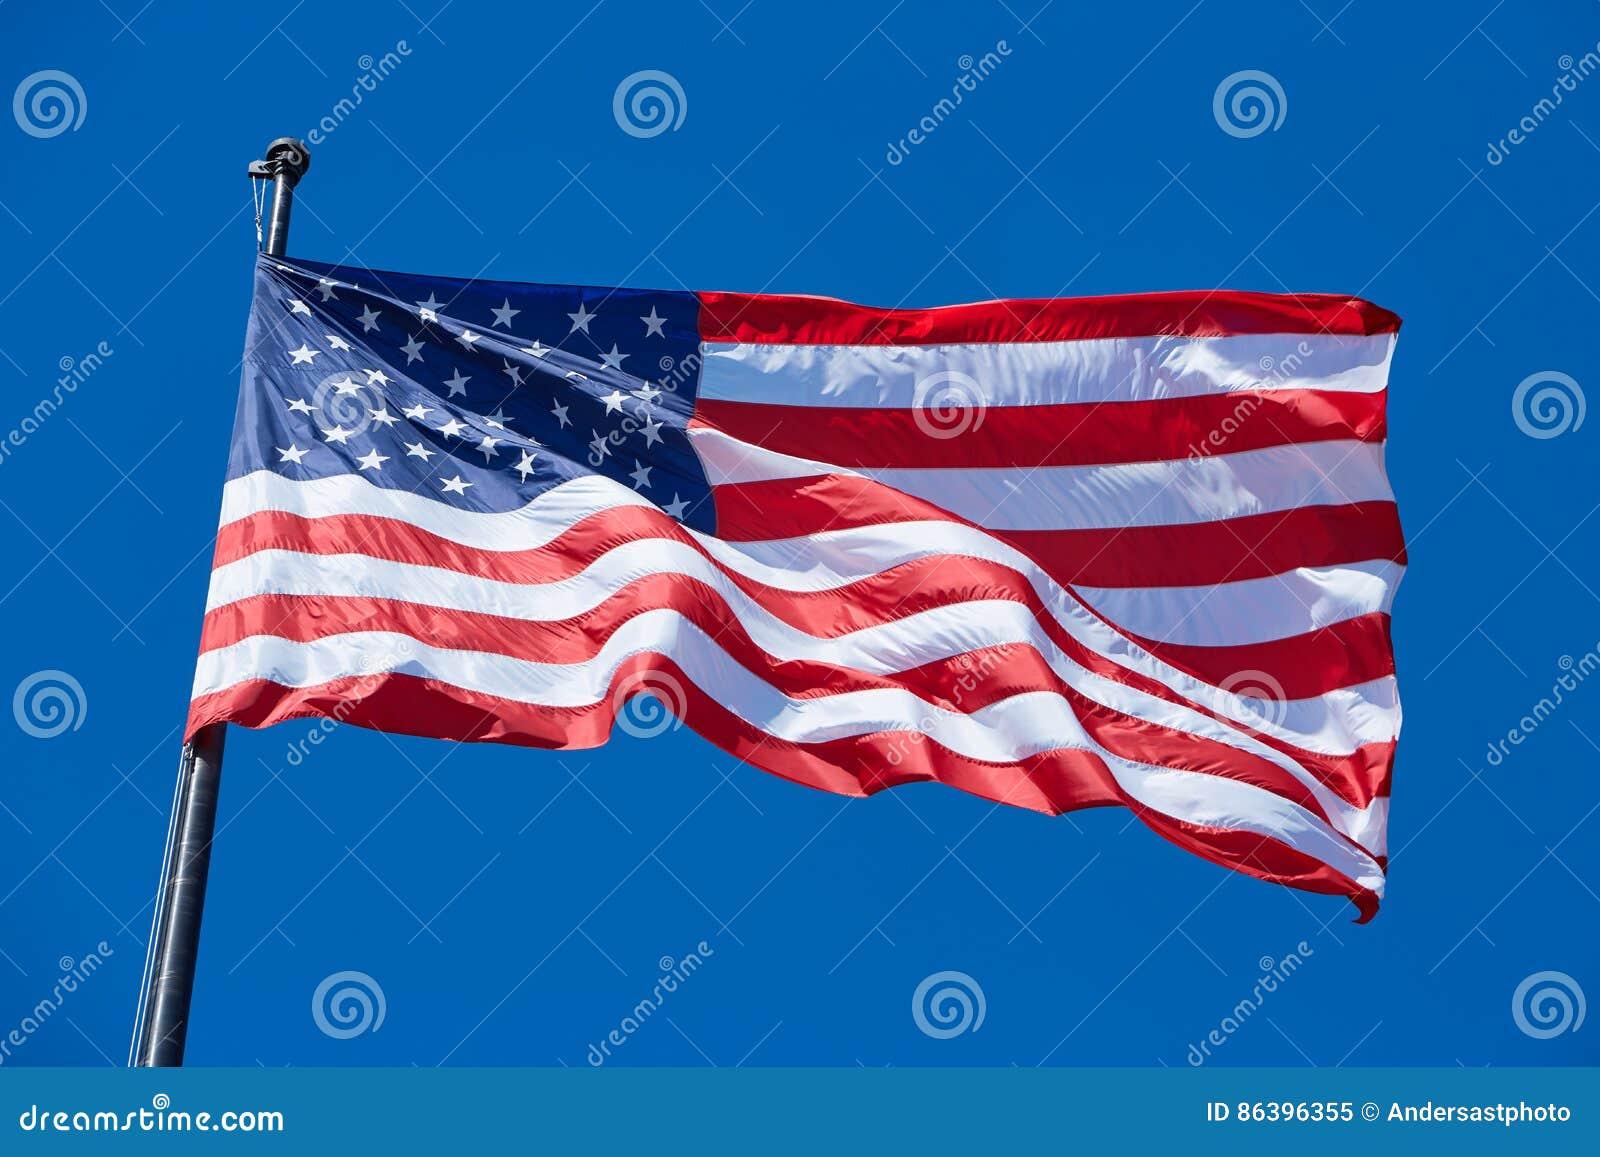 Amerykanina lub usa flaga w wiatrze z flagpole na niebieskim niebie